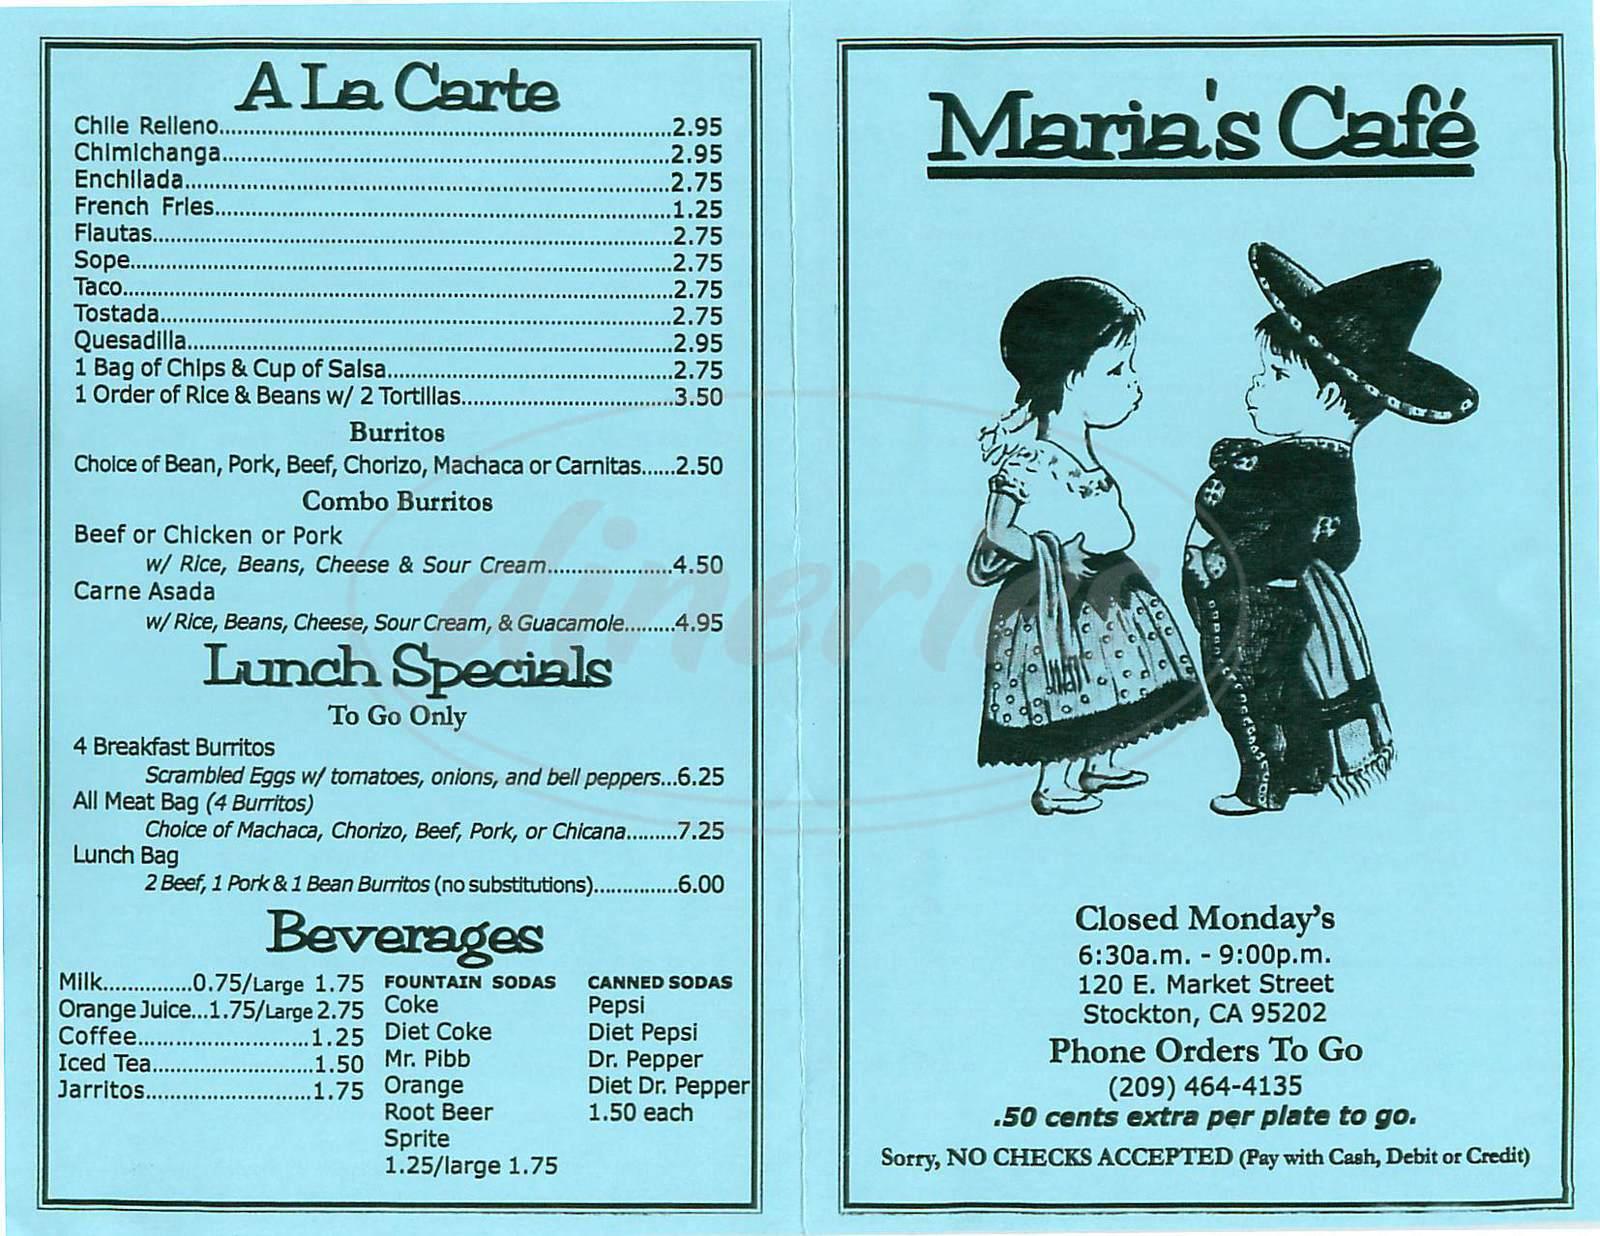 menu for Marias Café